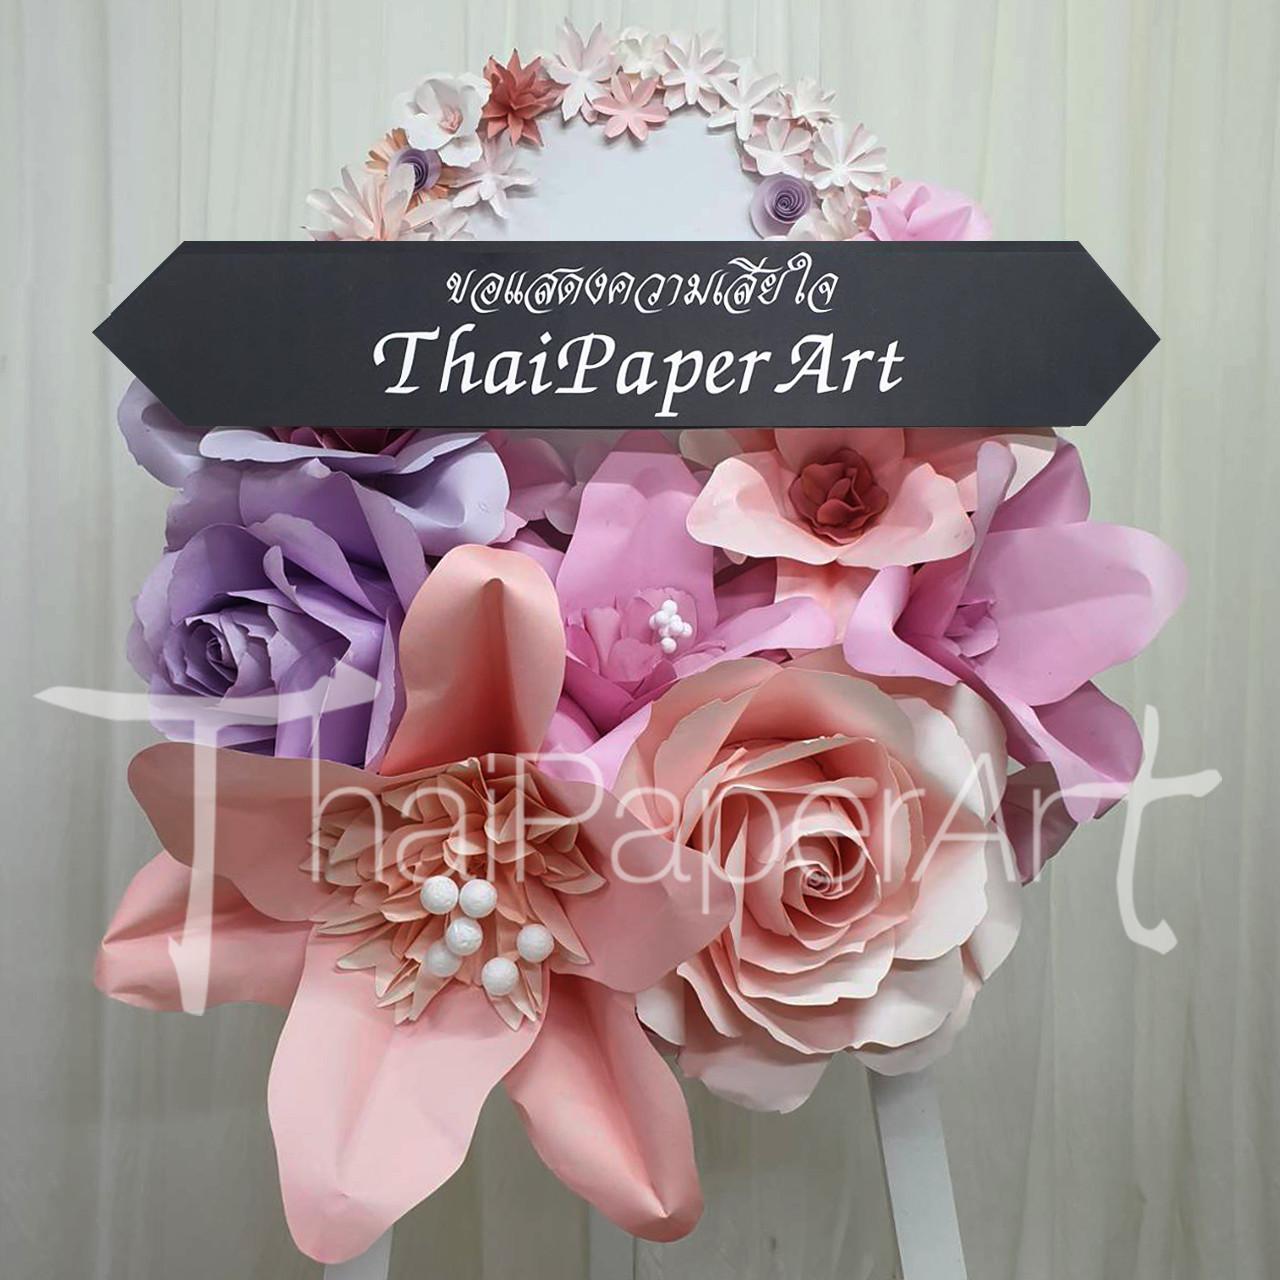 พวงหรีดดอกไม้กระดาษ โทนม่วงชมพู